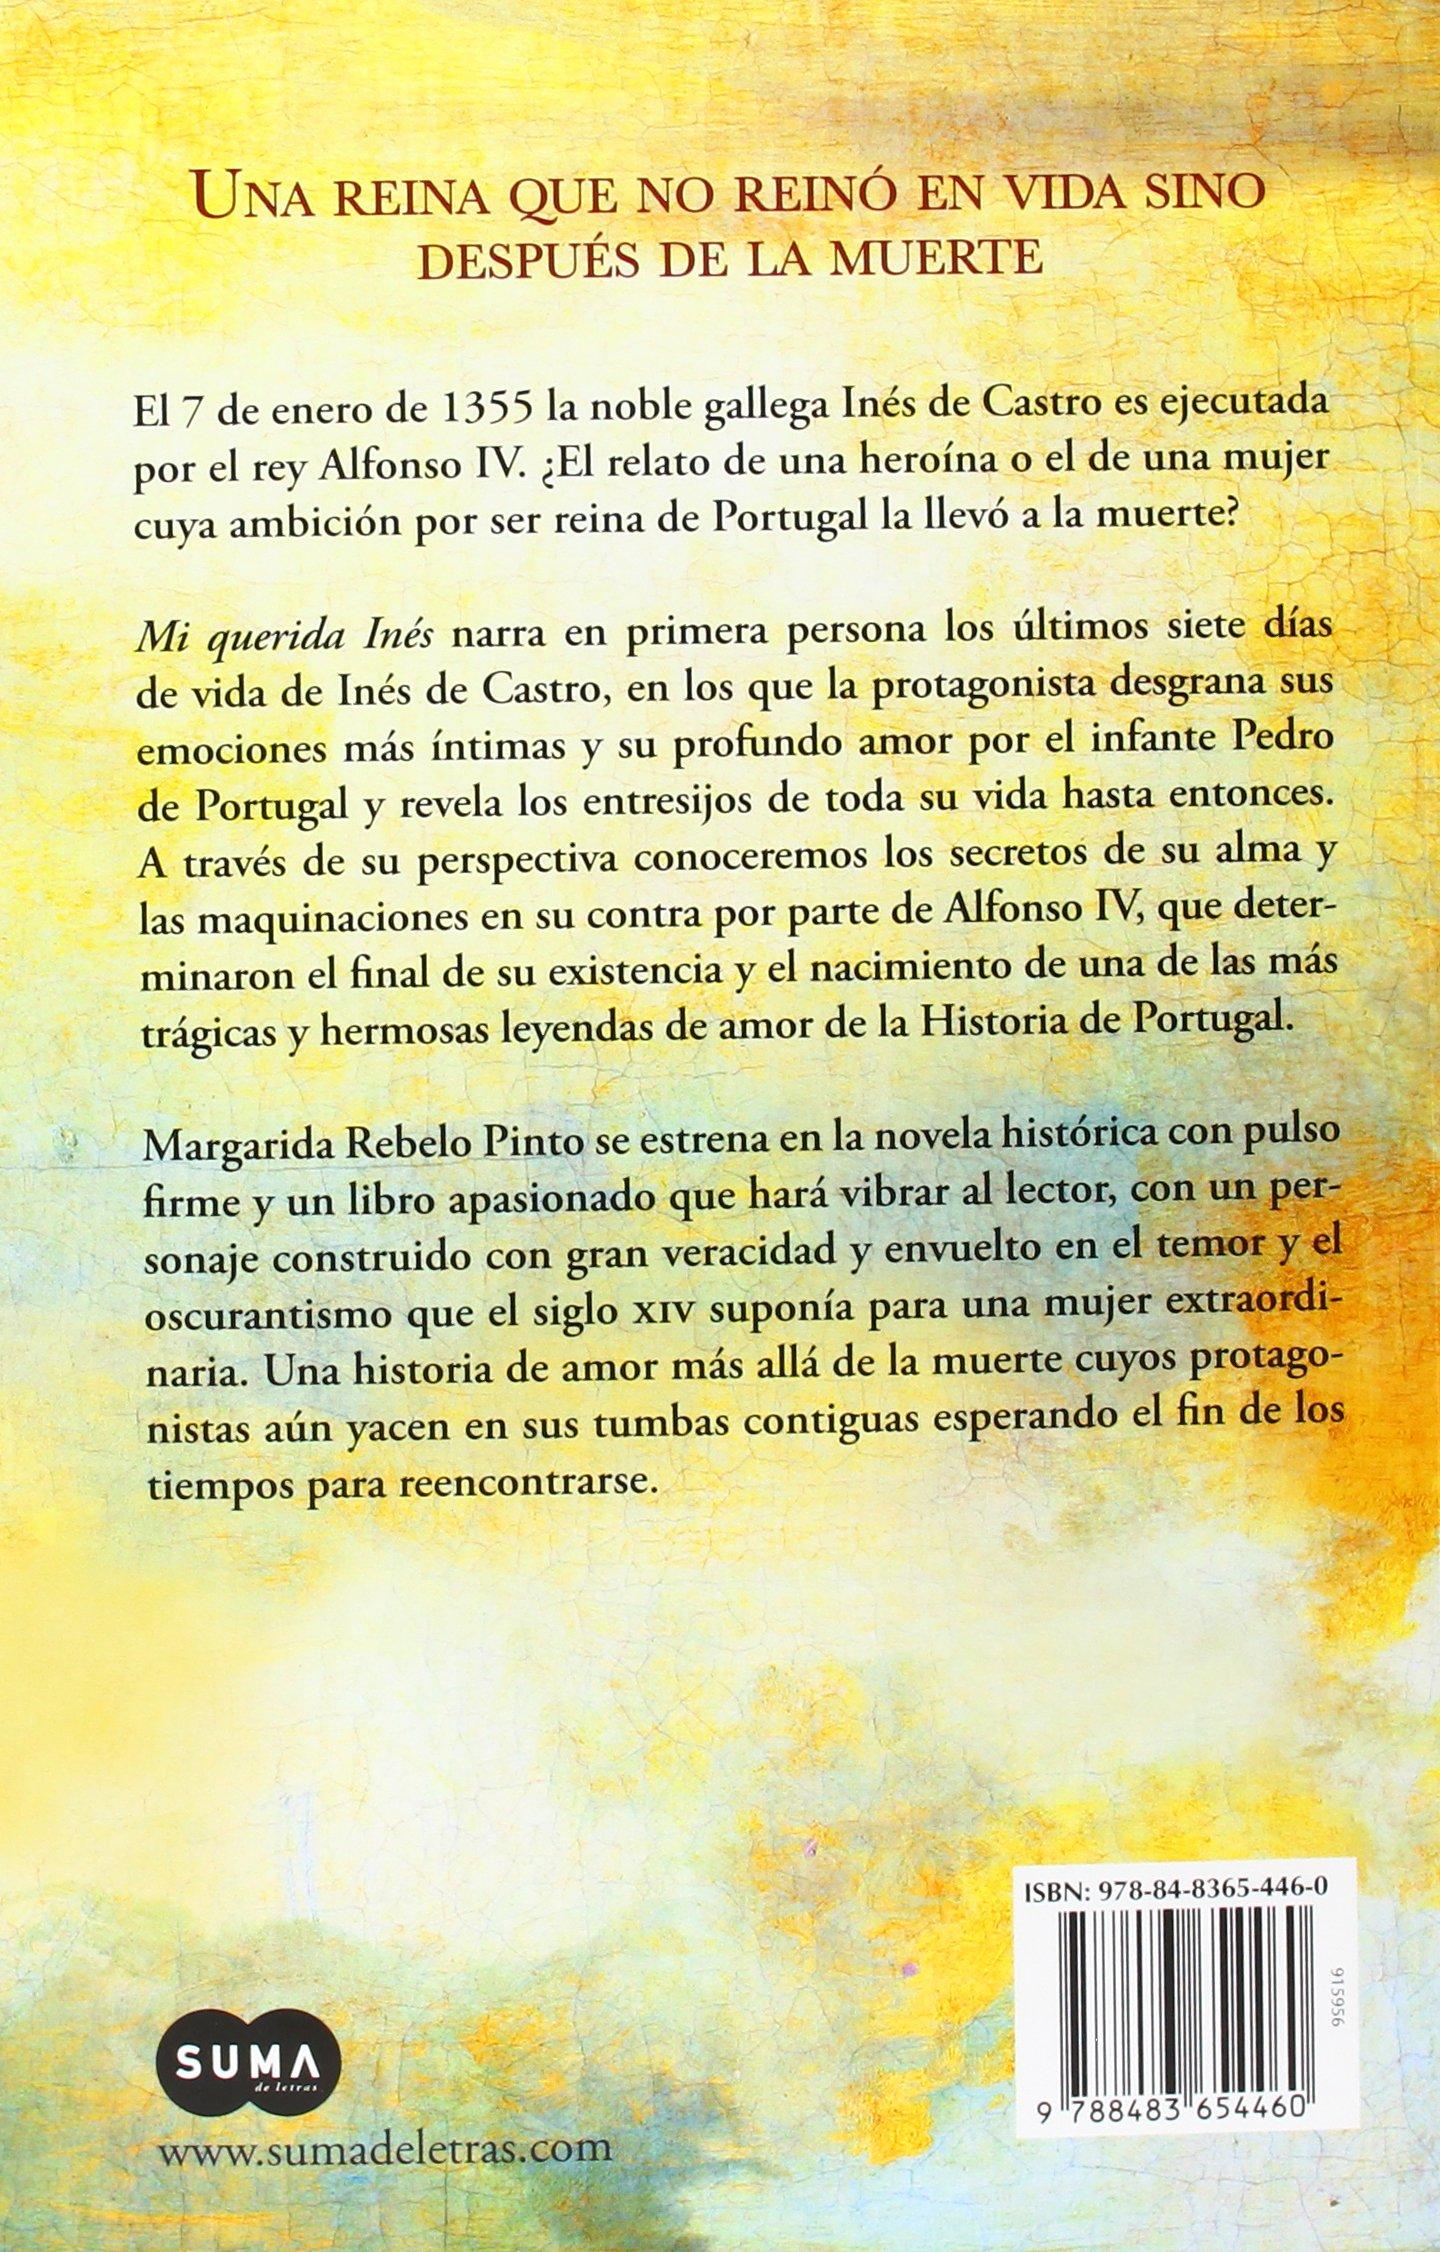 Mi querida Inés: La apasionante historia de la heroína española que enamoró al rey de Portugal SUMA: Amazon.es: REBELO PINTO MARGARIDA, REBELO PINTO MARGARIDA: Libros